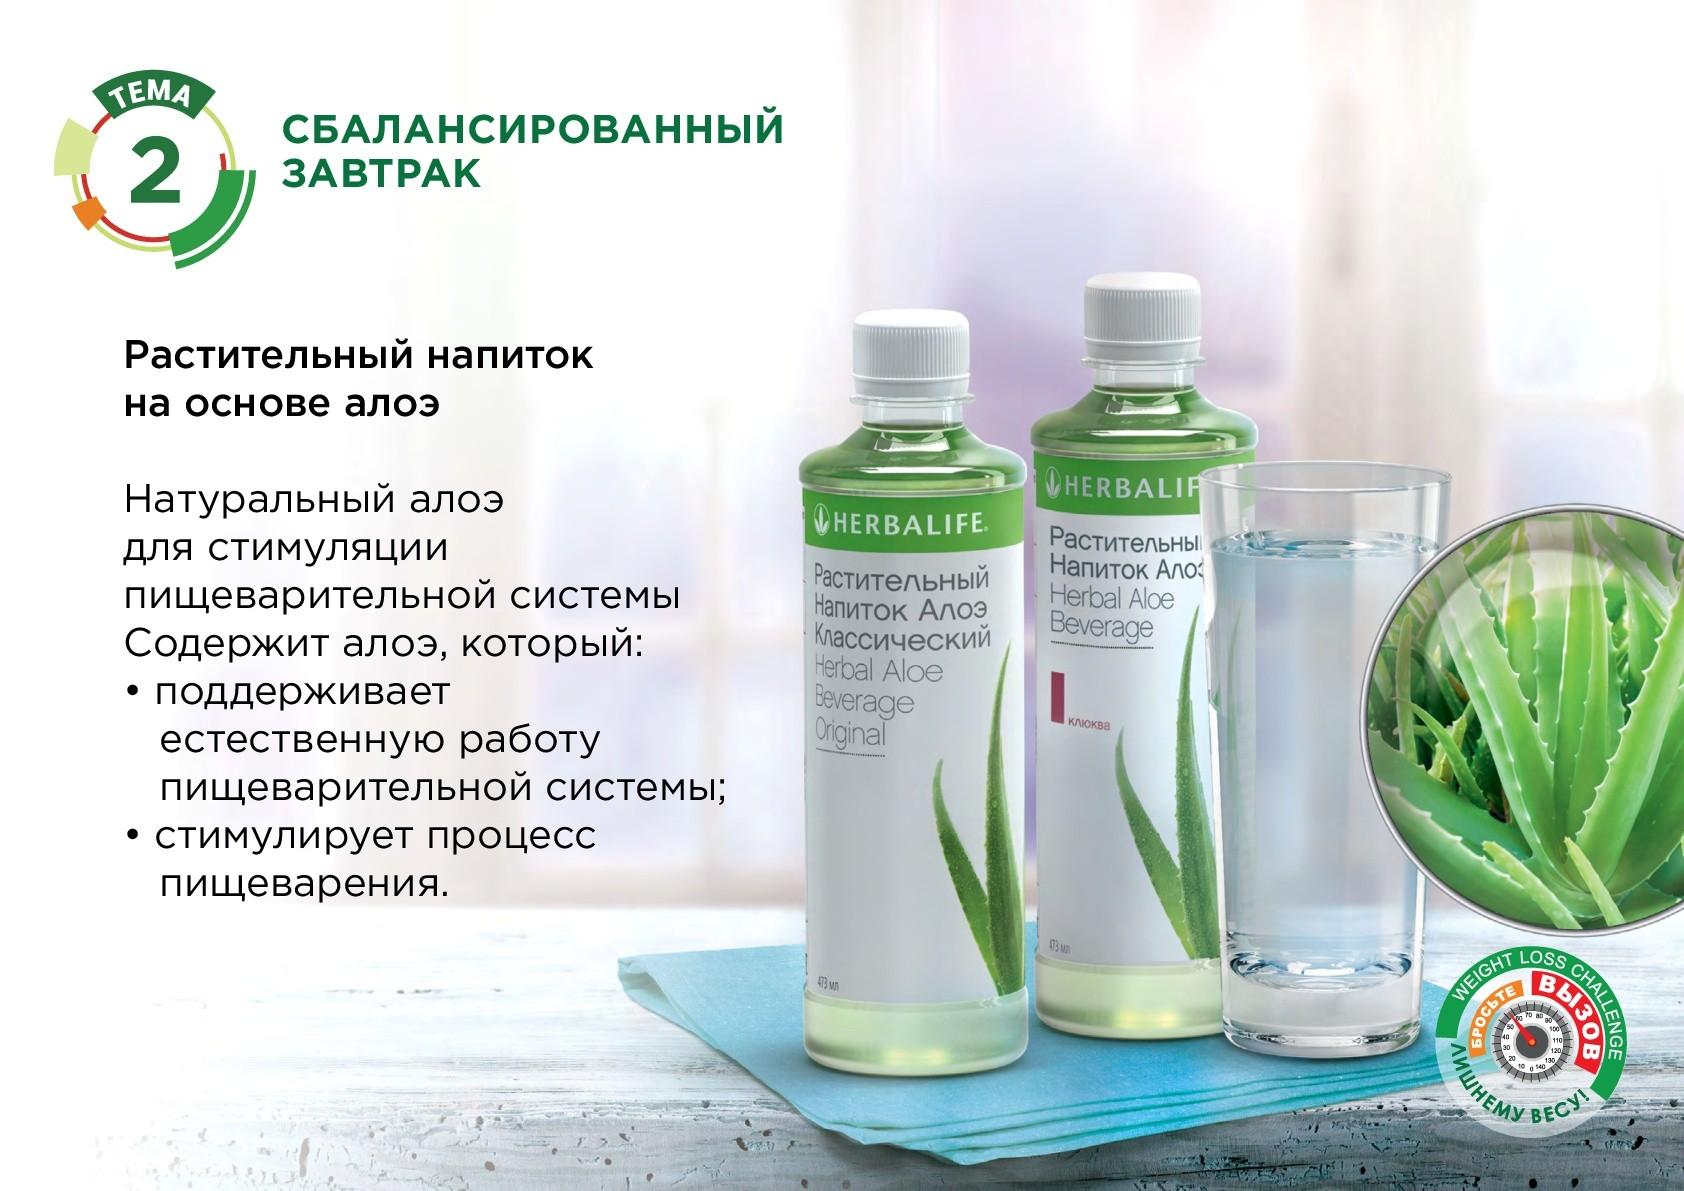 Растительный напиток на основе алоэ